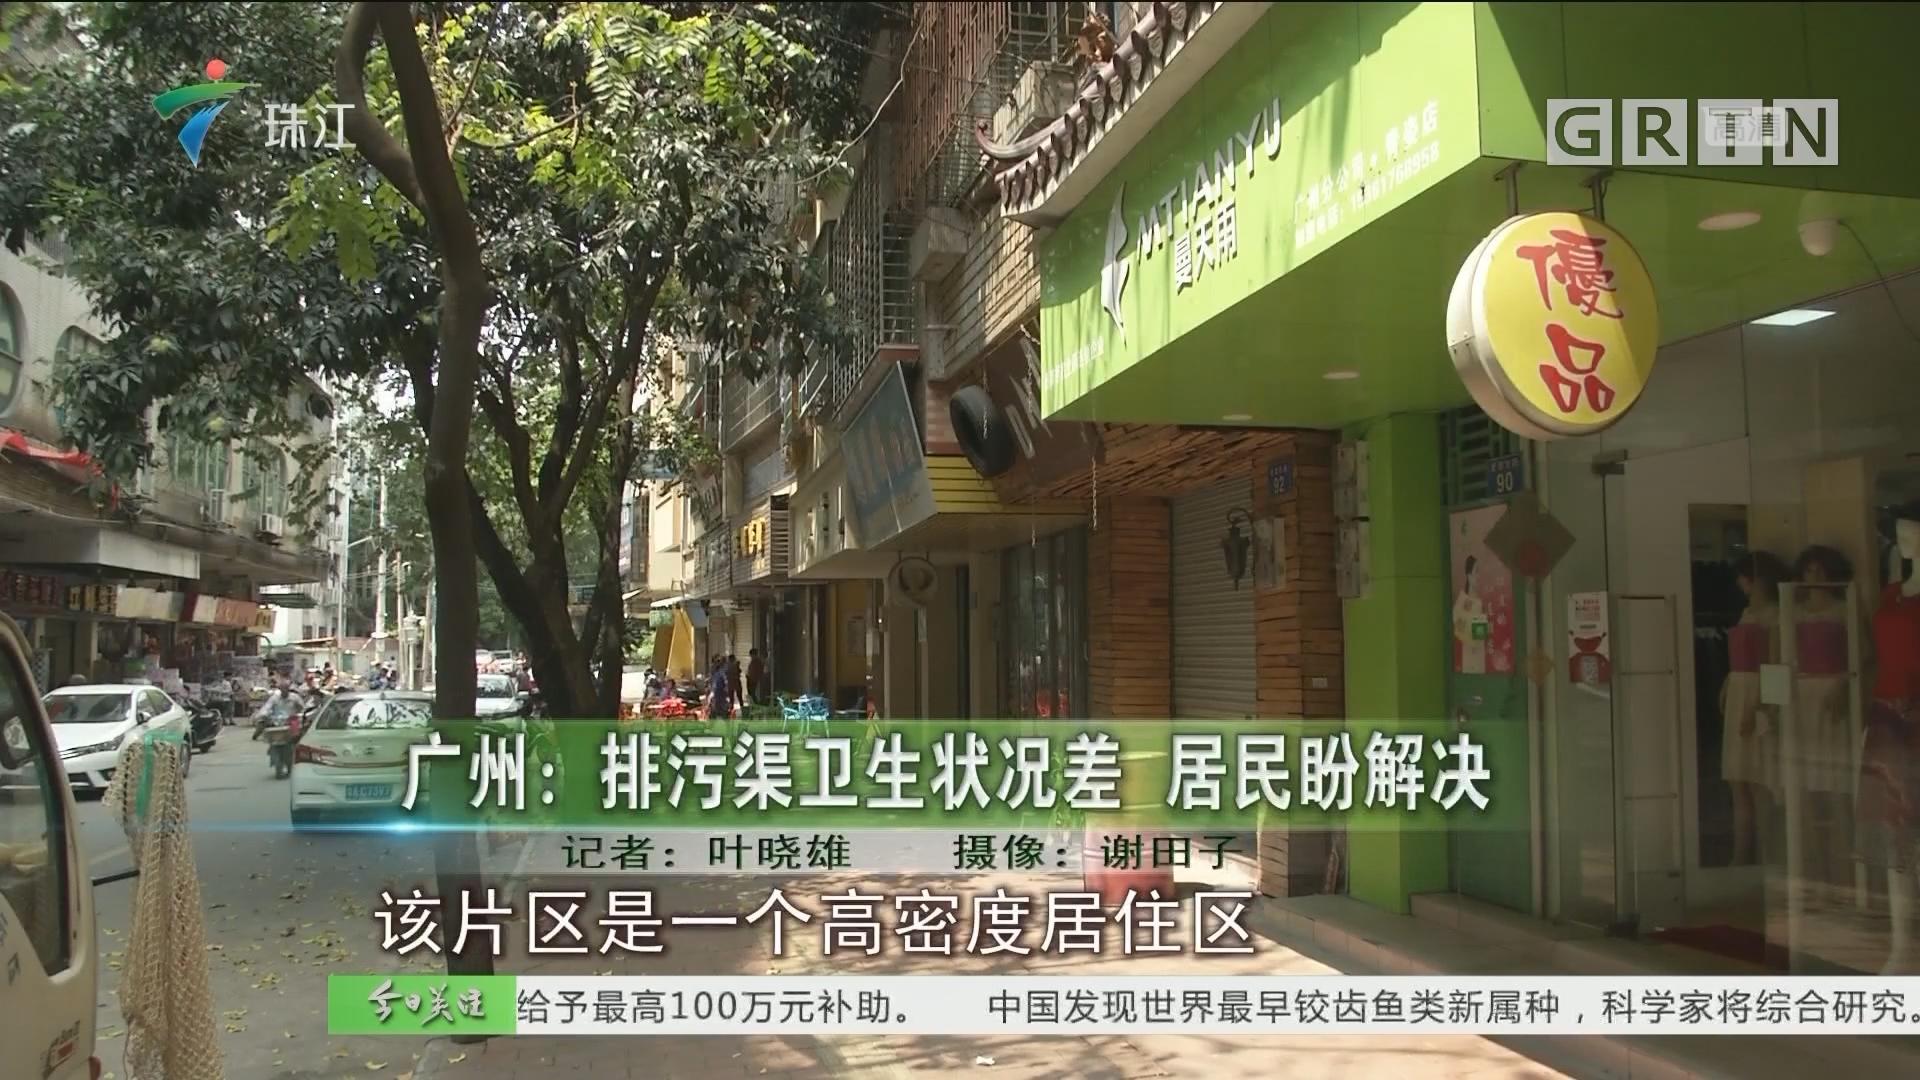 广州:排污渠卫生状况差 居民盼解决